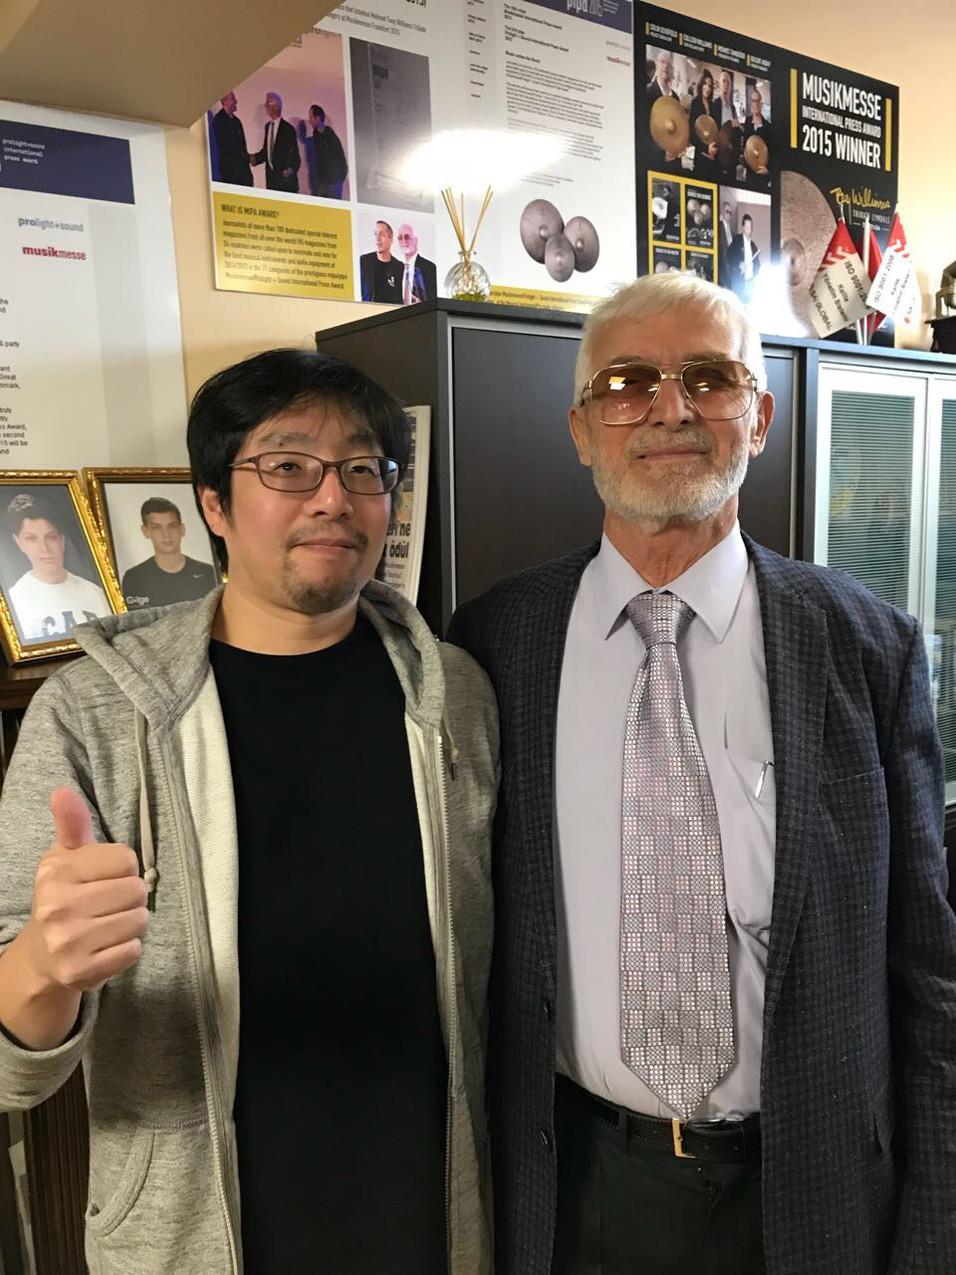 伝説の錬金術師 メメット・タンデガー氏と筆者 (やはりオーラ有)